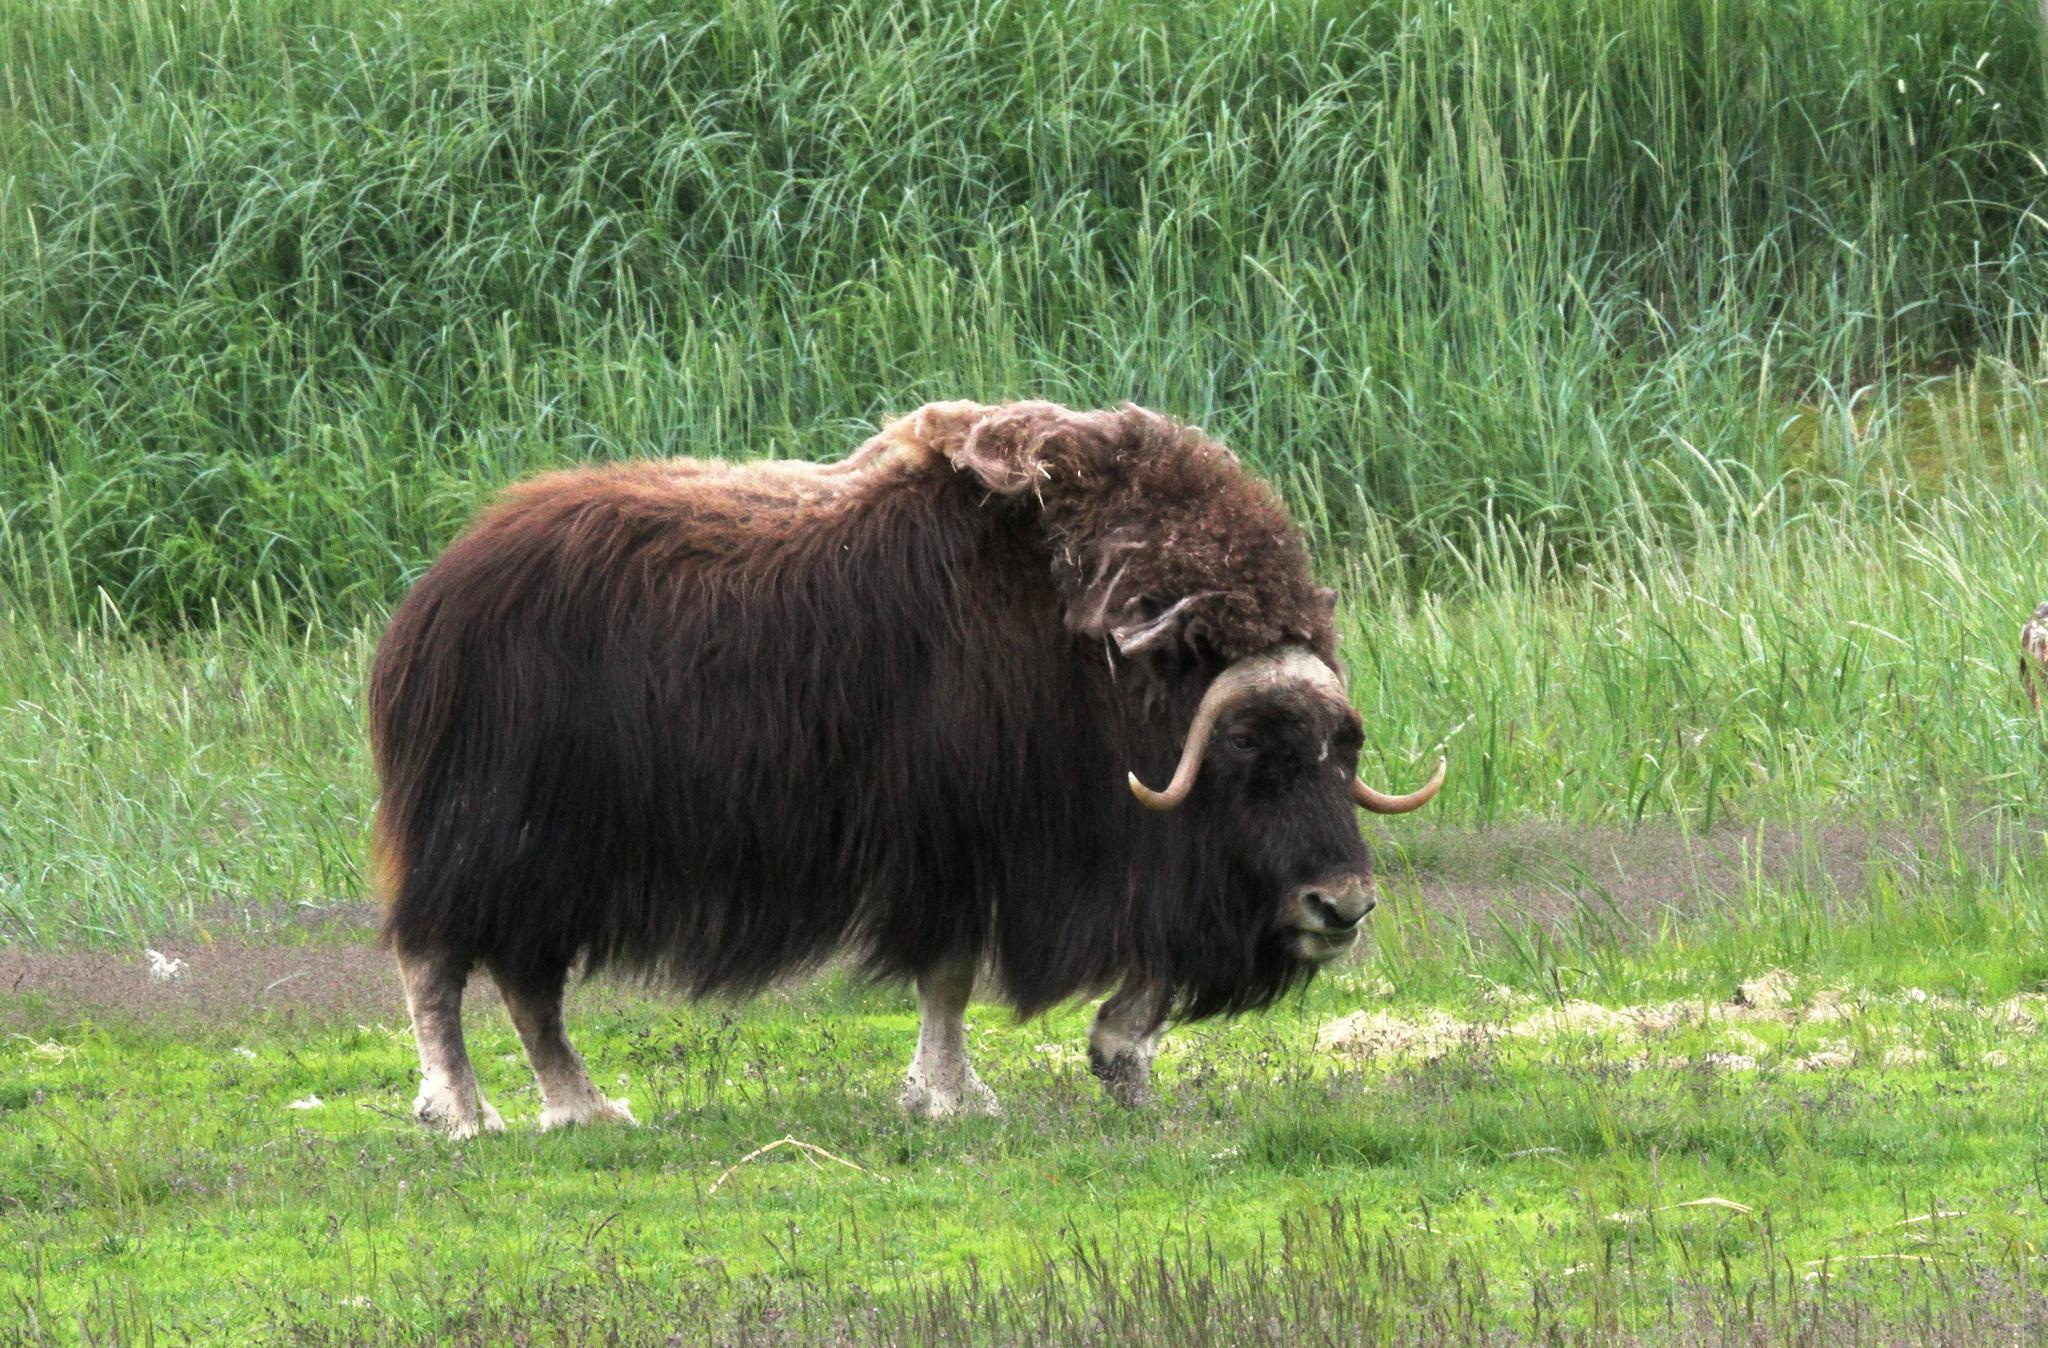 Ox photo